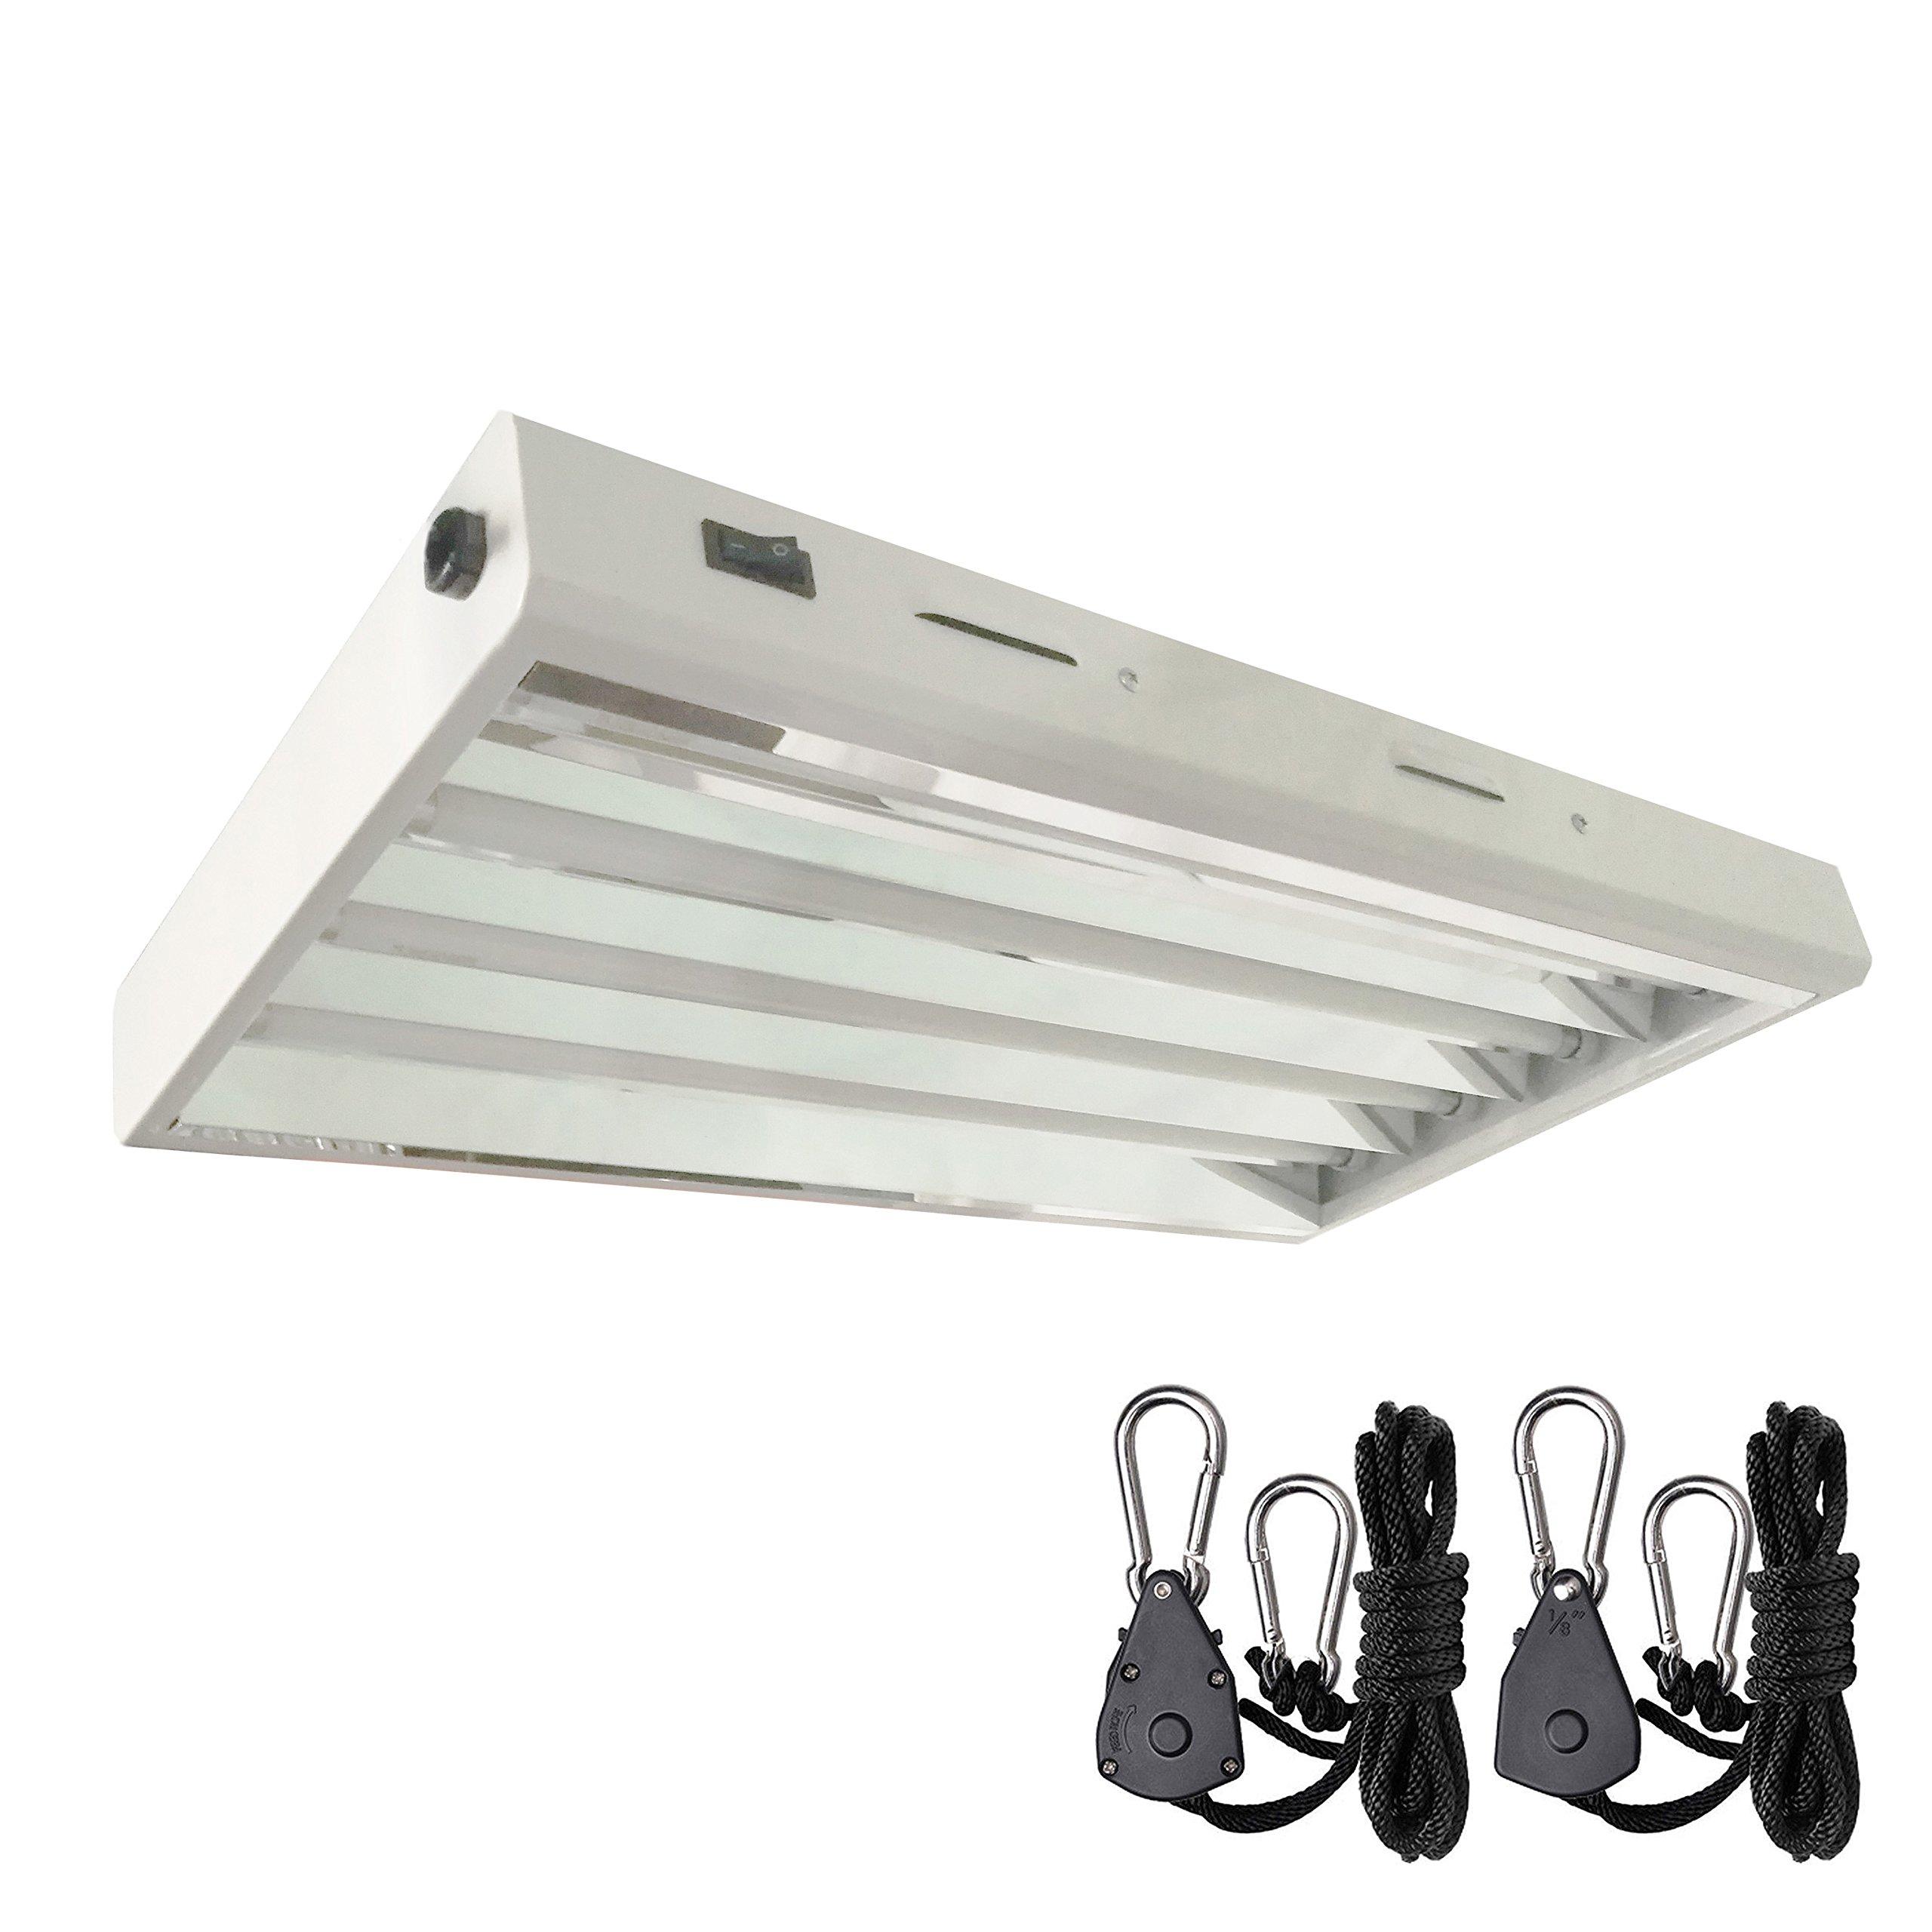 Hydro Crunch 2 ft. 4-Bulb 96-Watt T5 High Output Fluorescent Grow Light Fixture